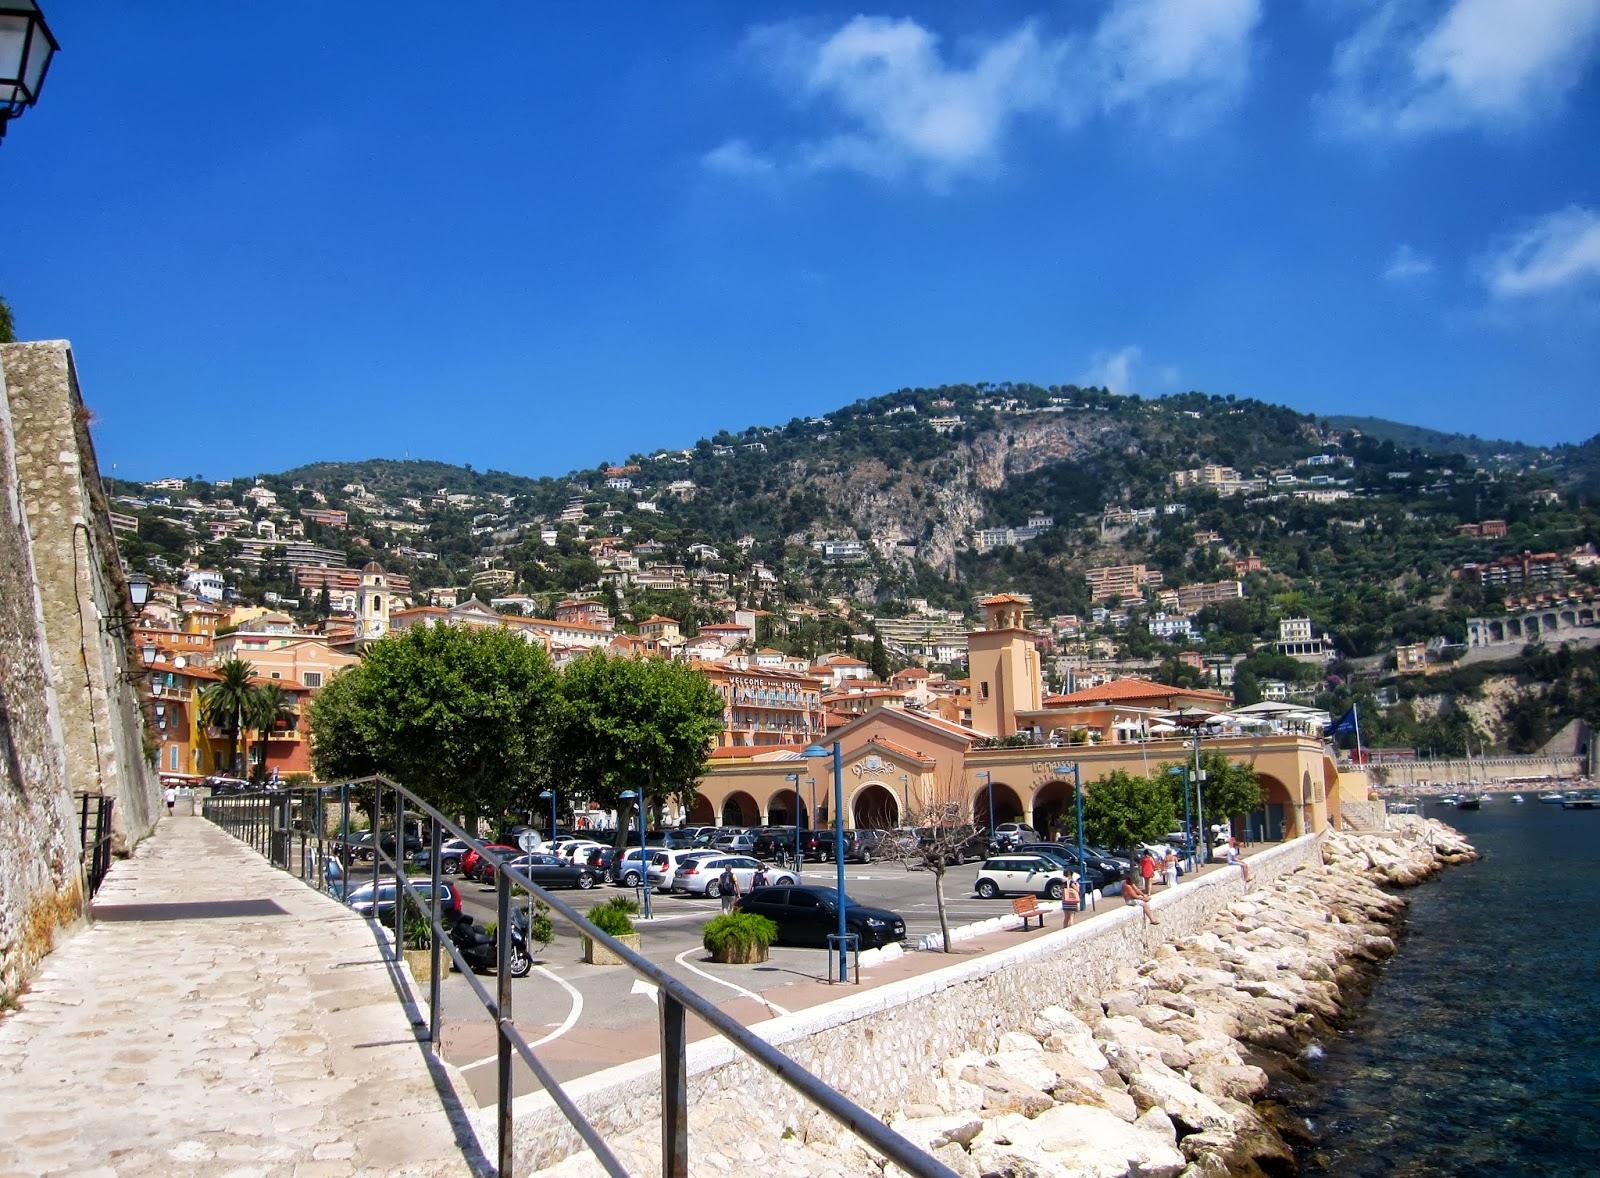 Destination fiction villefranche sur mer - Port de la darse villefranche sur mer ...